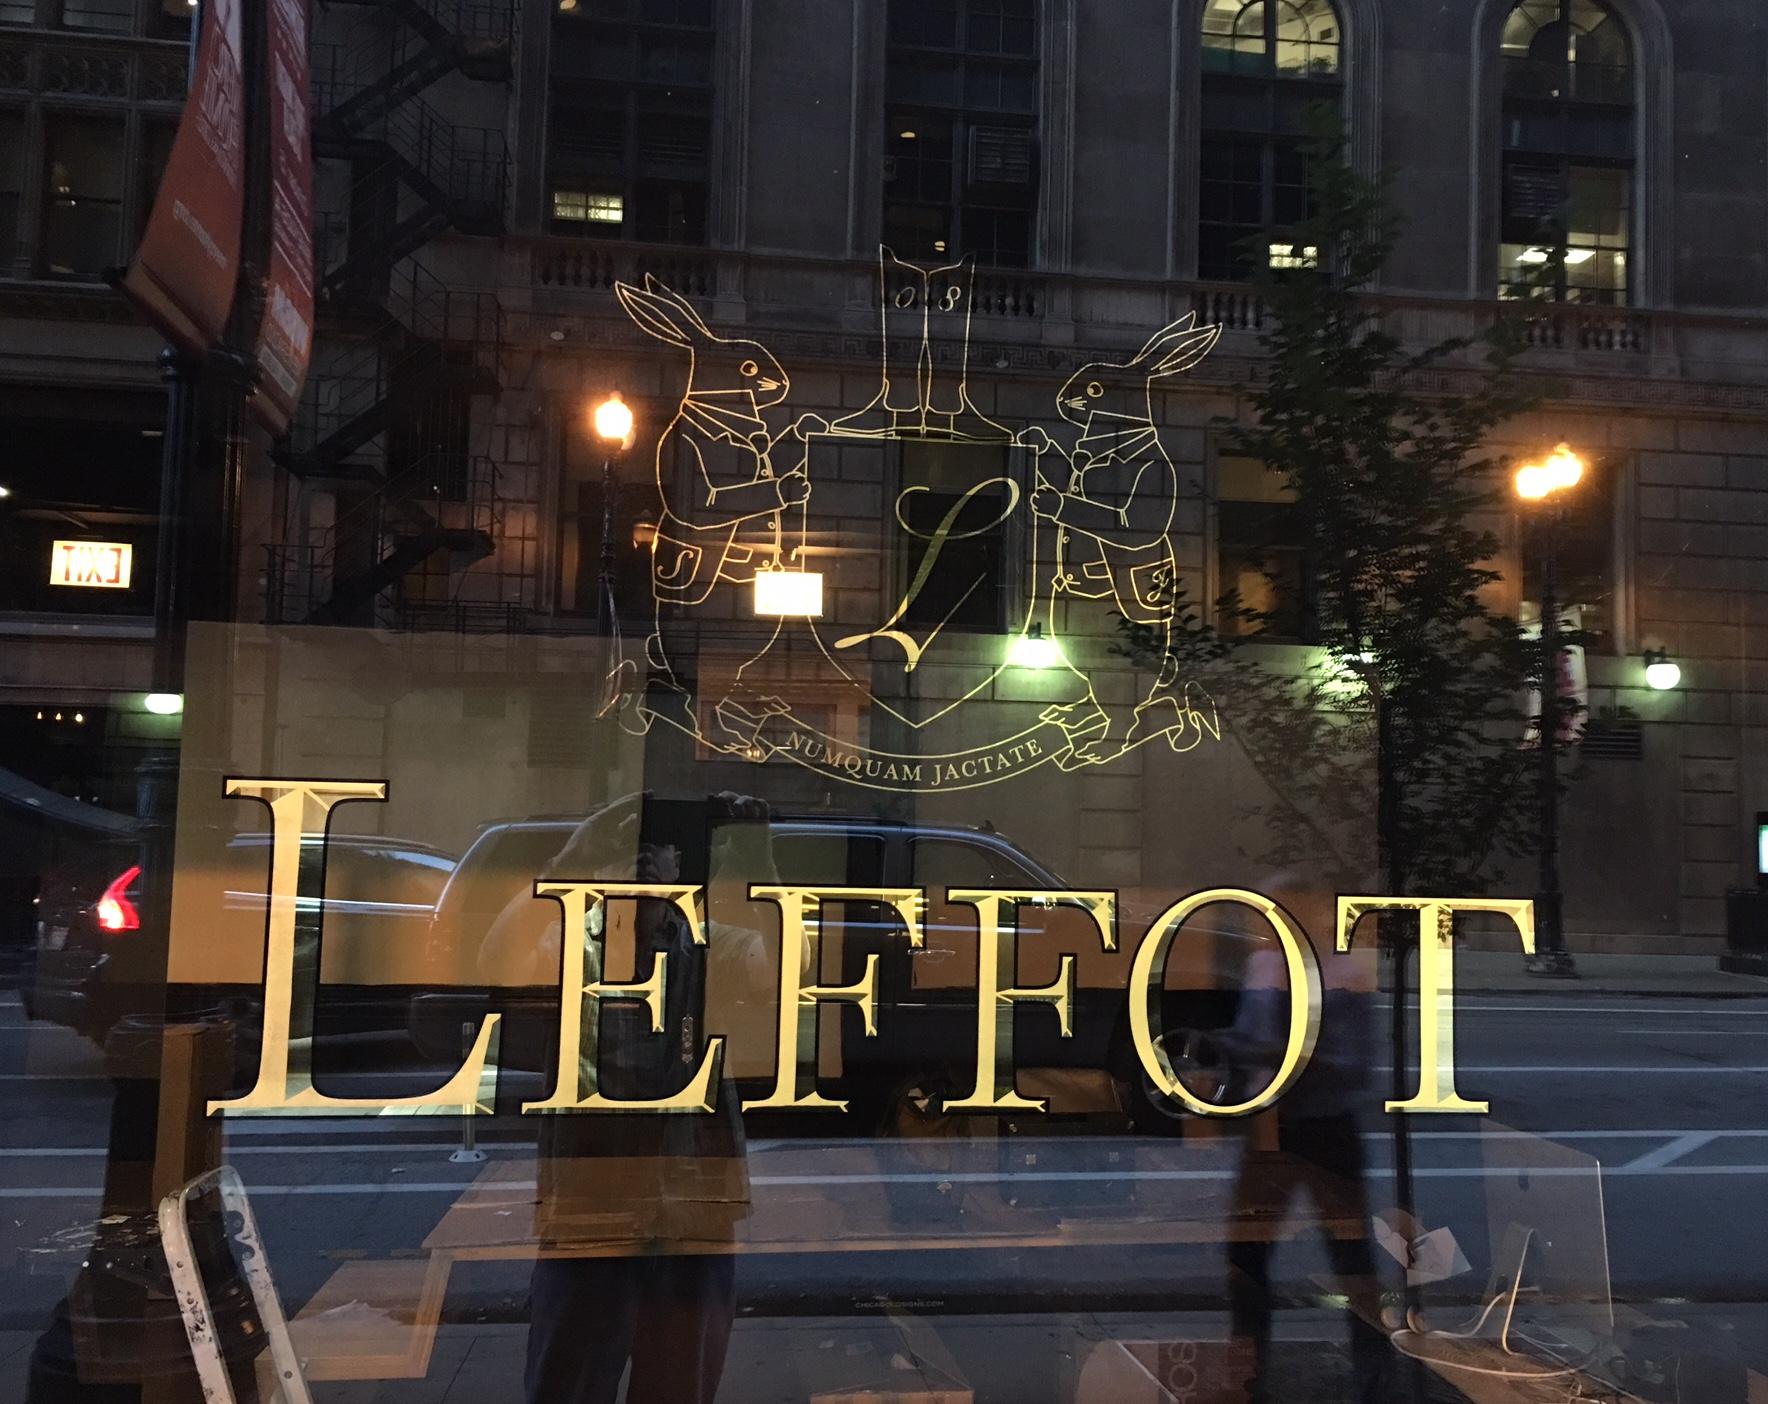 Leffot Shoes